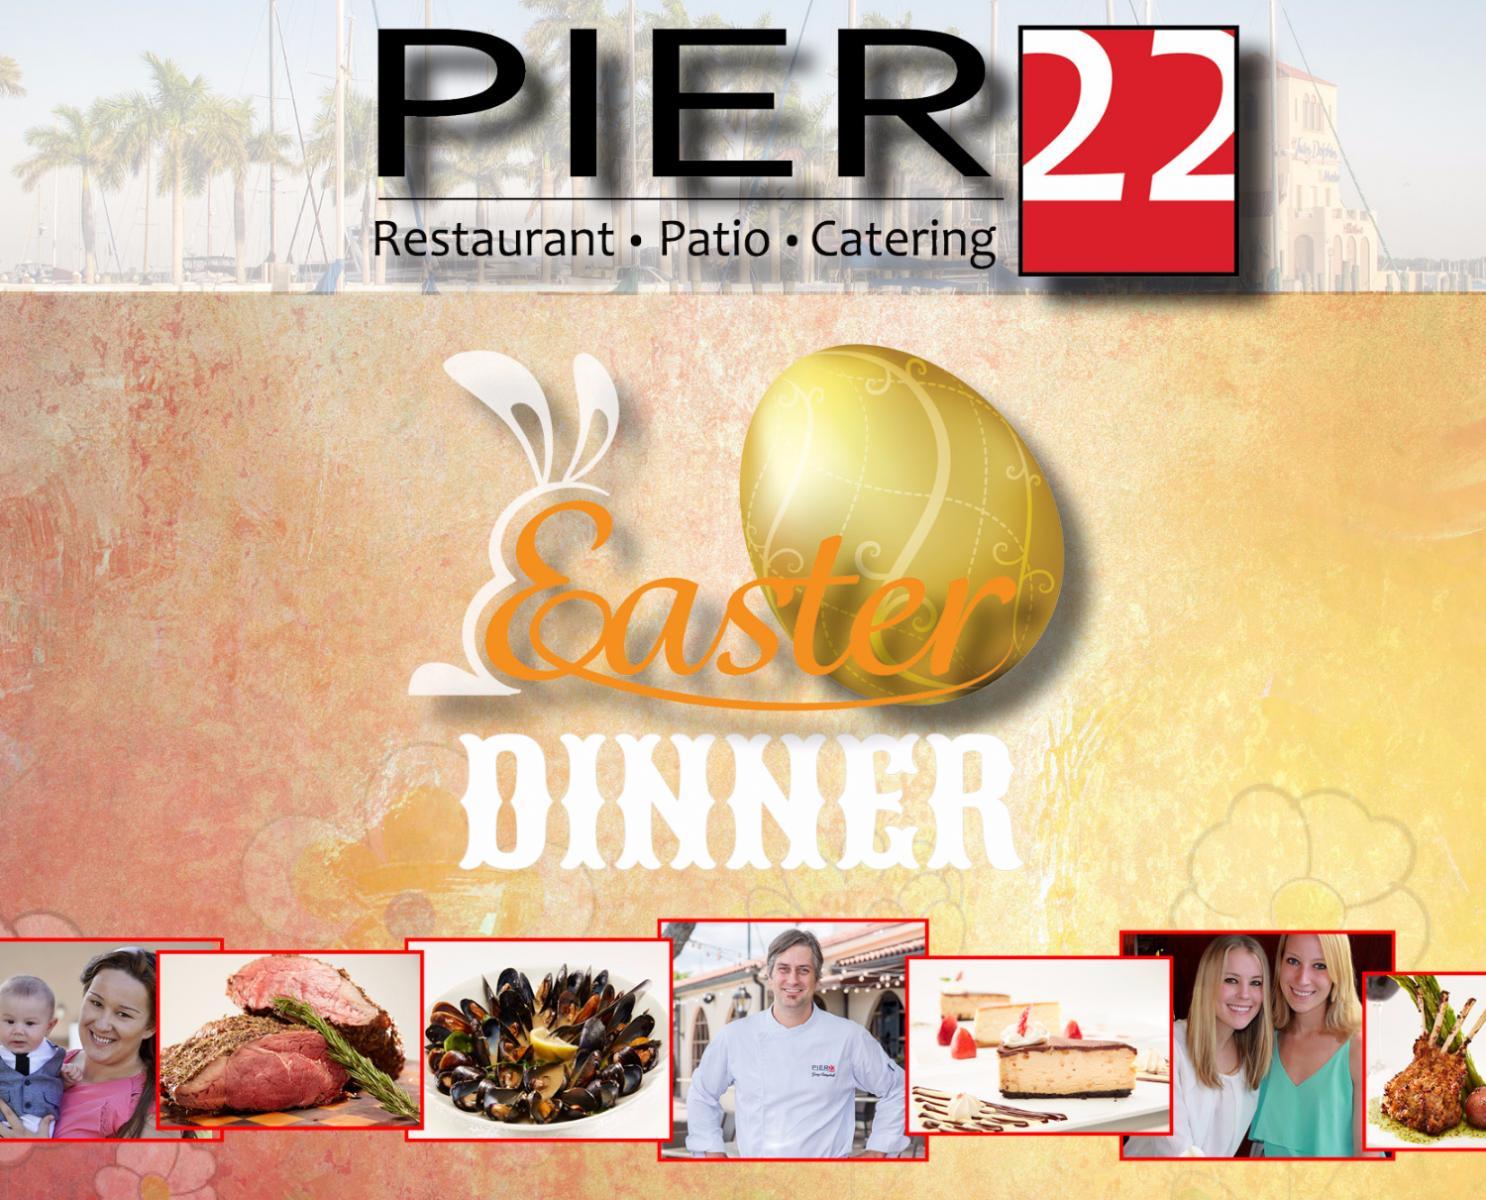 Easter Dinner   PIER 22